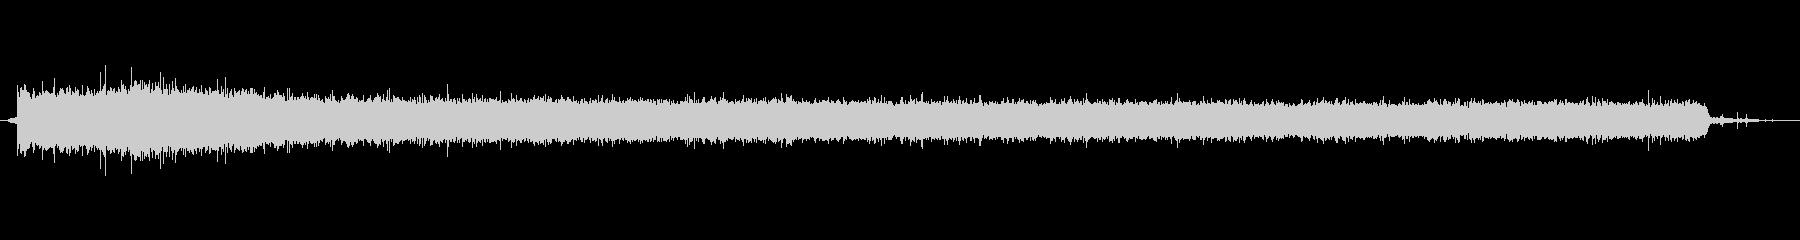 水 シンクフィルハードロング01の未再生の波形